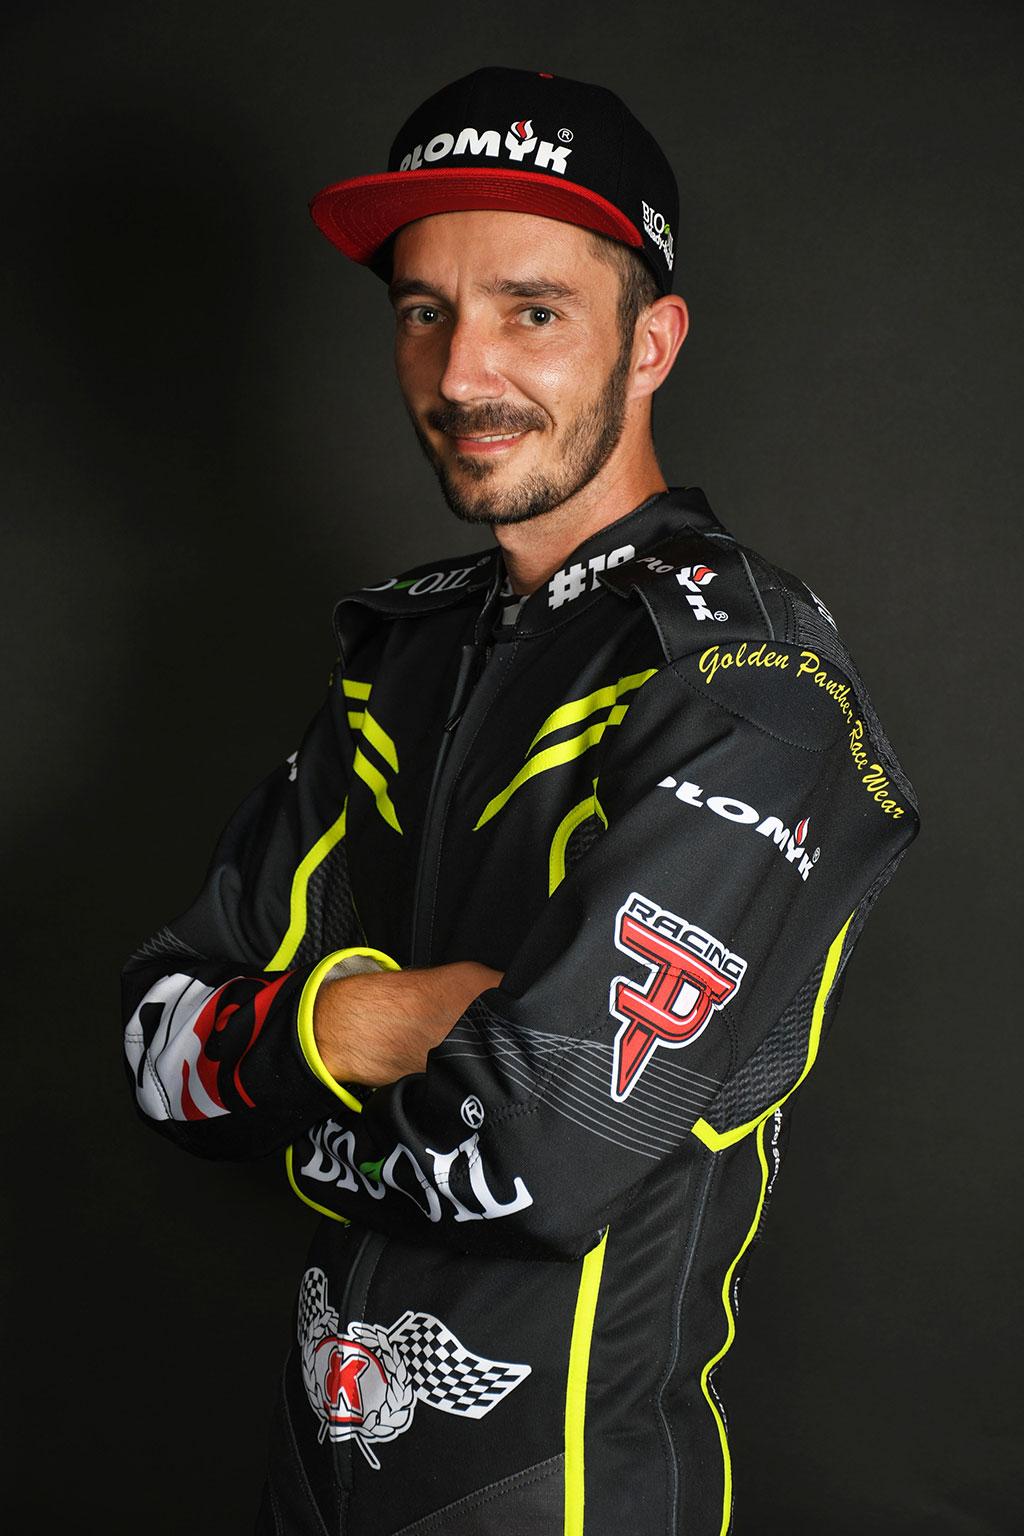 Kamil Brzozowski - Stal Gorzów